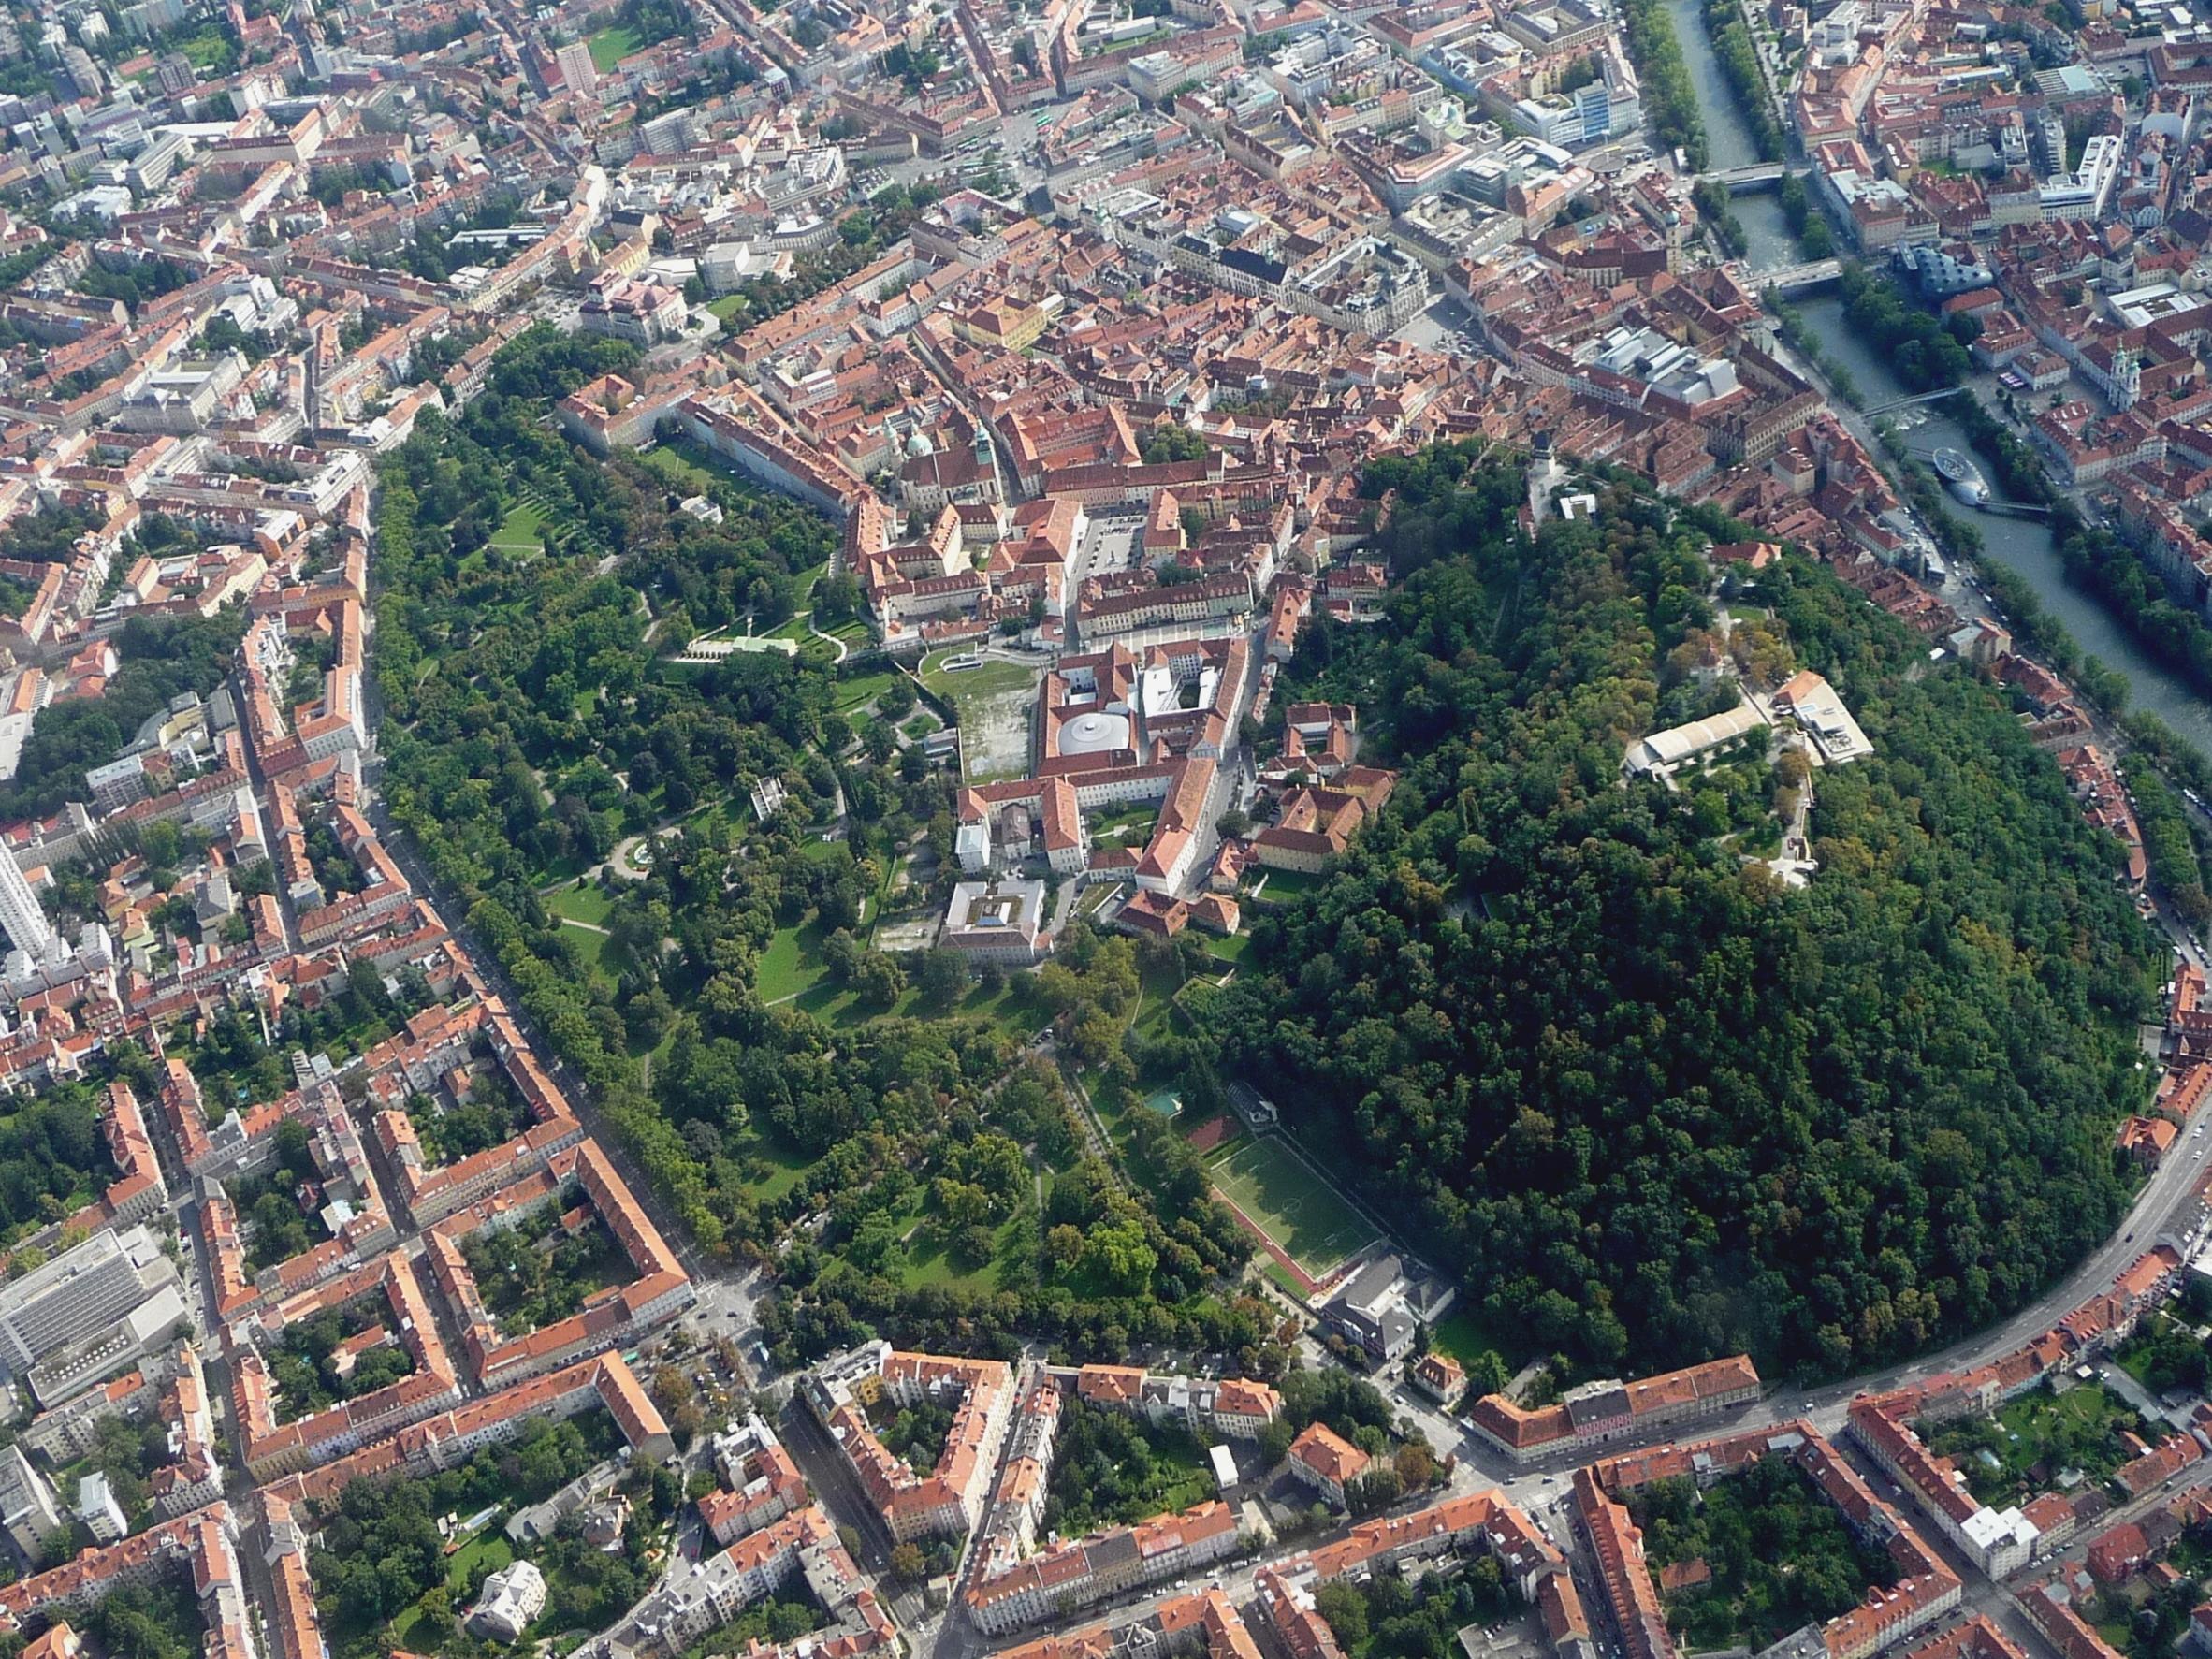 Luftbild der Grazer Altstadt